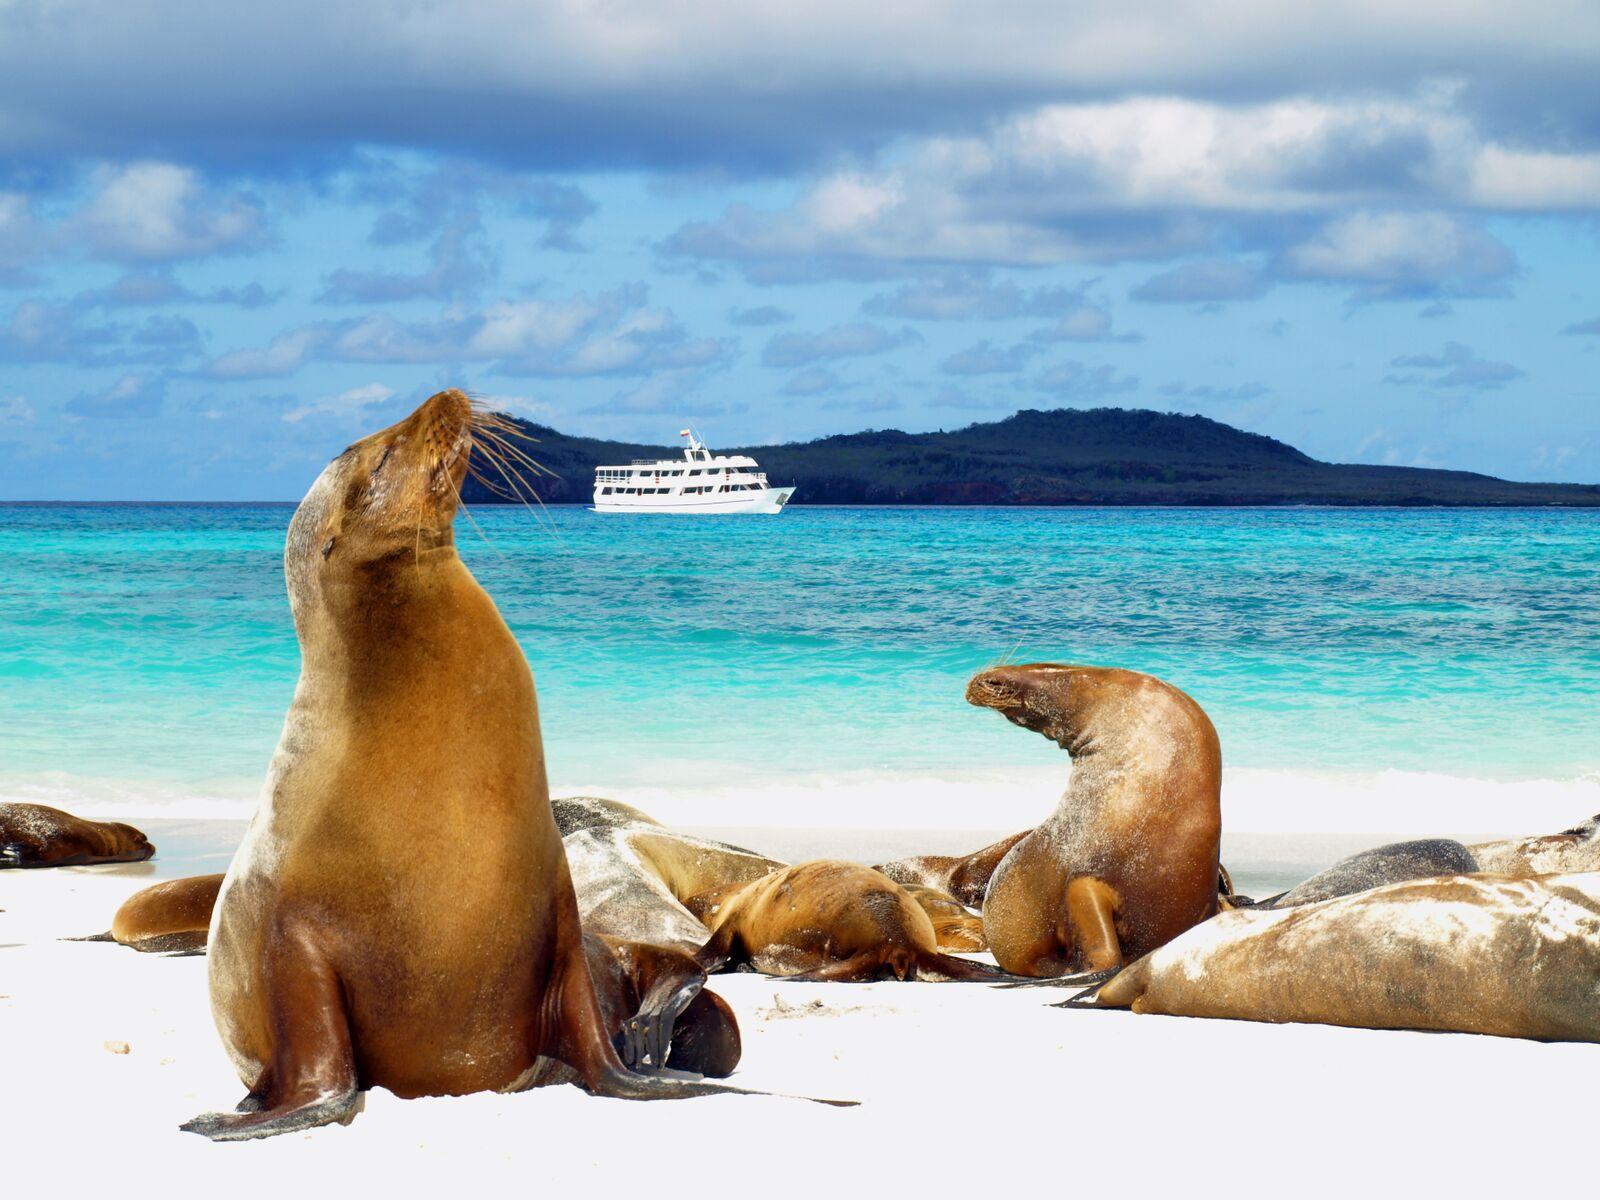 Reise in Galapagos und Ecuador in Südamerika. Im Vordergrund sind einige Seelöwen im Sand zu sehen, im Hintergrund fährt ein kleines Kreuzfahrtschiff auf dem Meer.